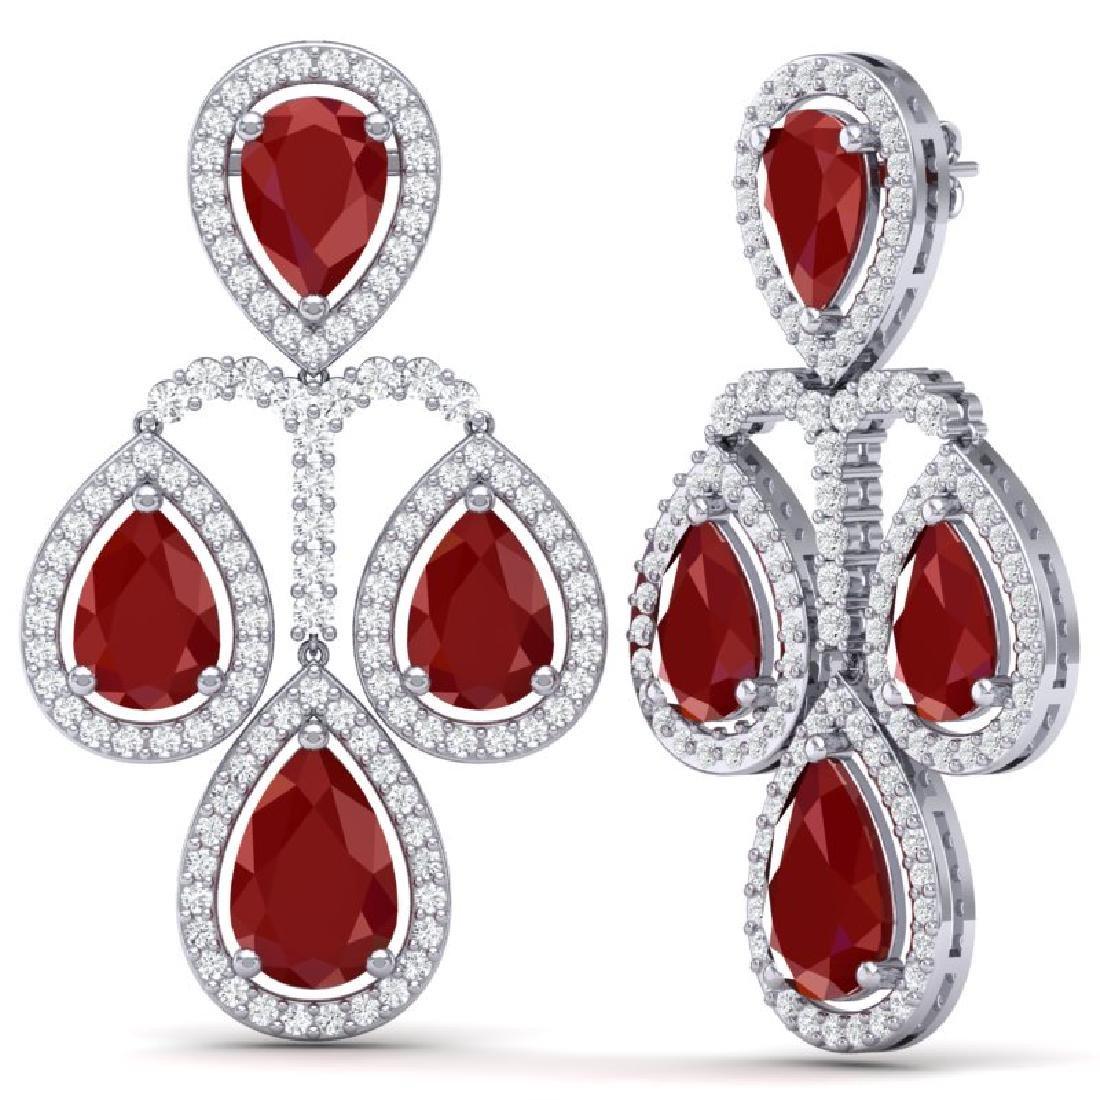 29.23 CTW Royalty Designer Ruby & VS Diamond Earrings - 3